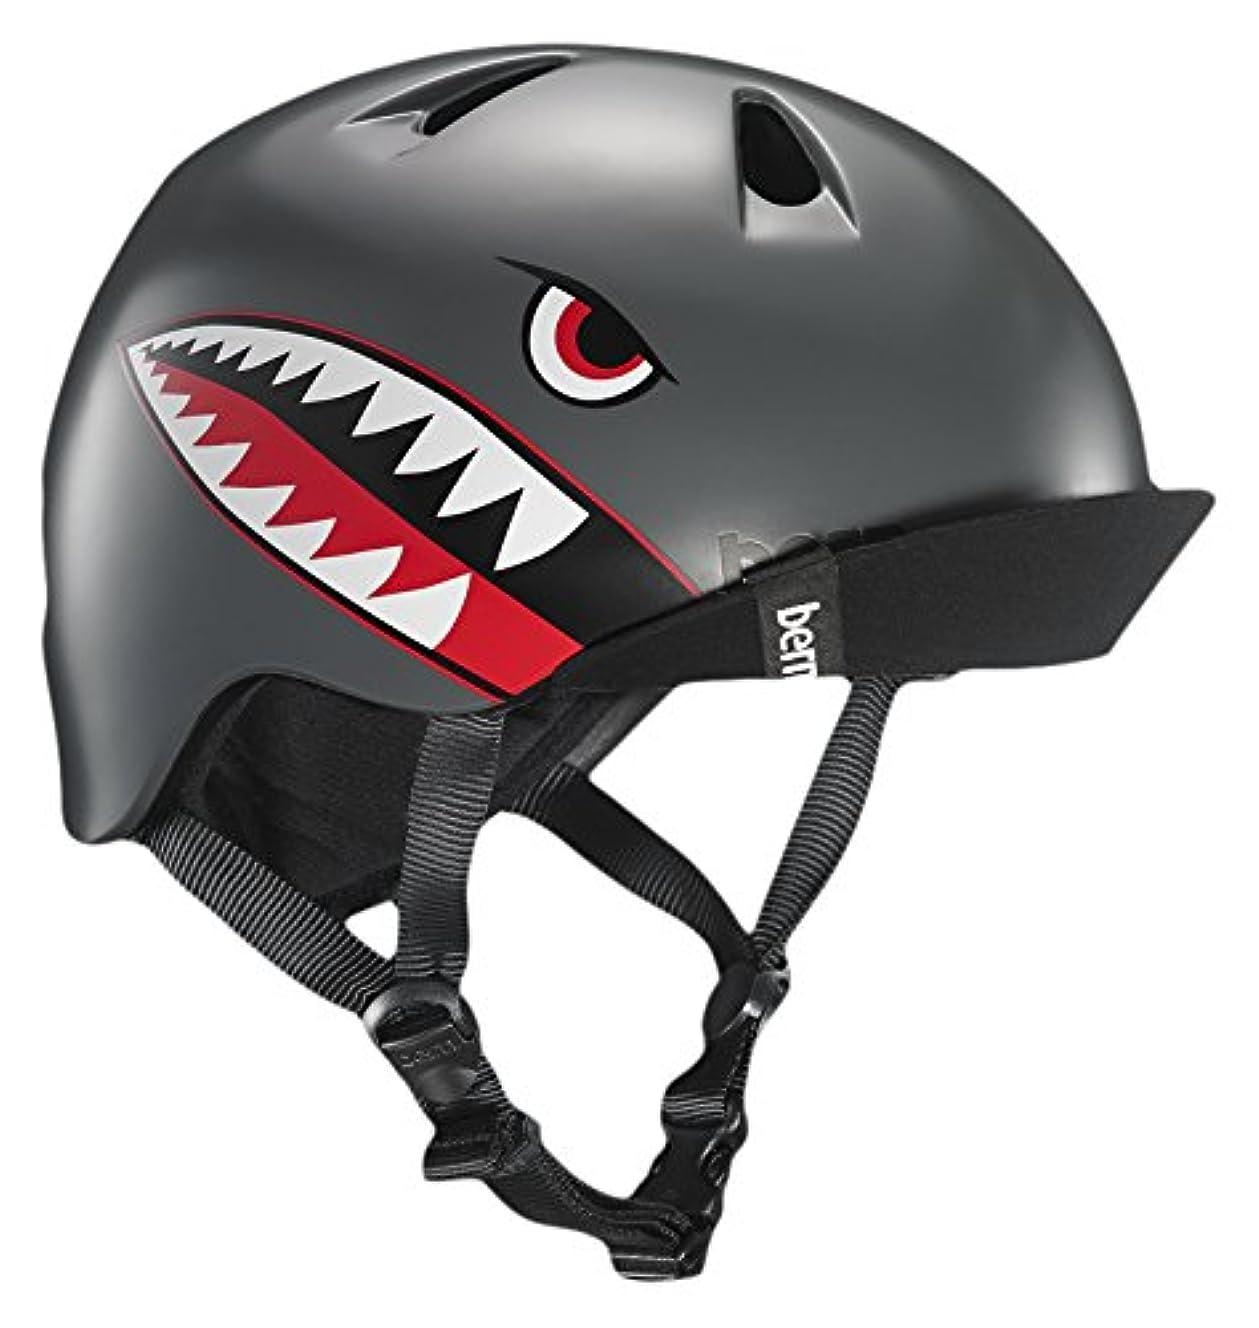 Bern Summer Children's Helmet, Jr. Nino Kids Sport Bike Helmet with Visor